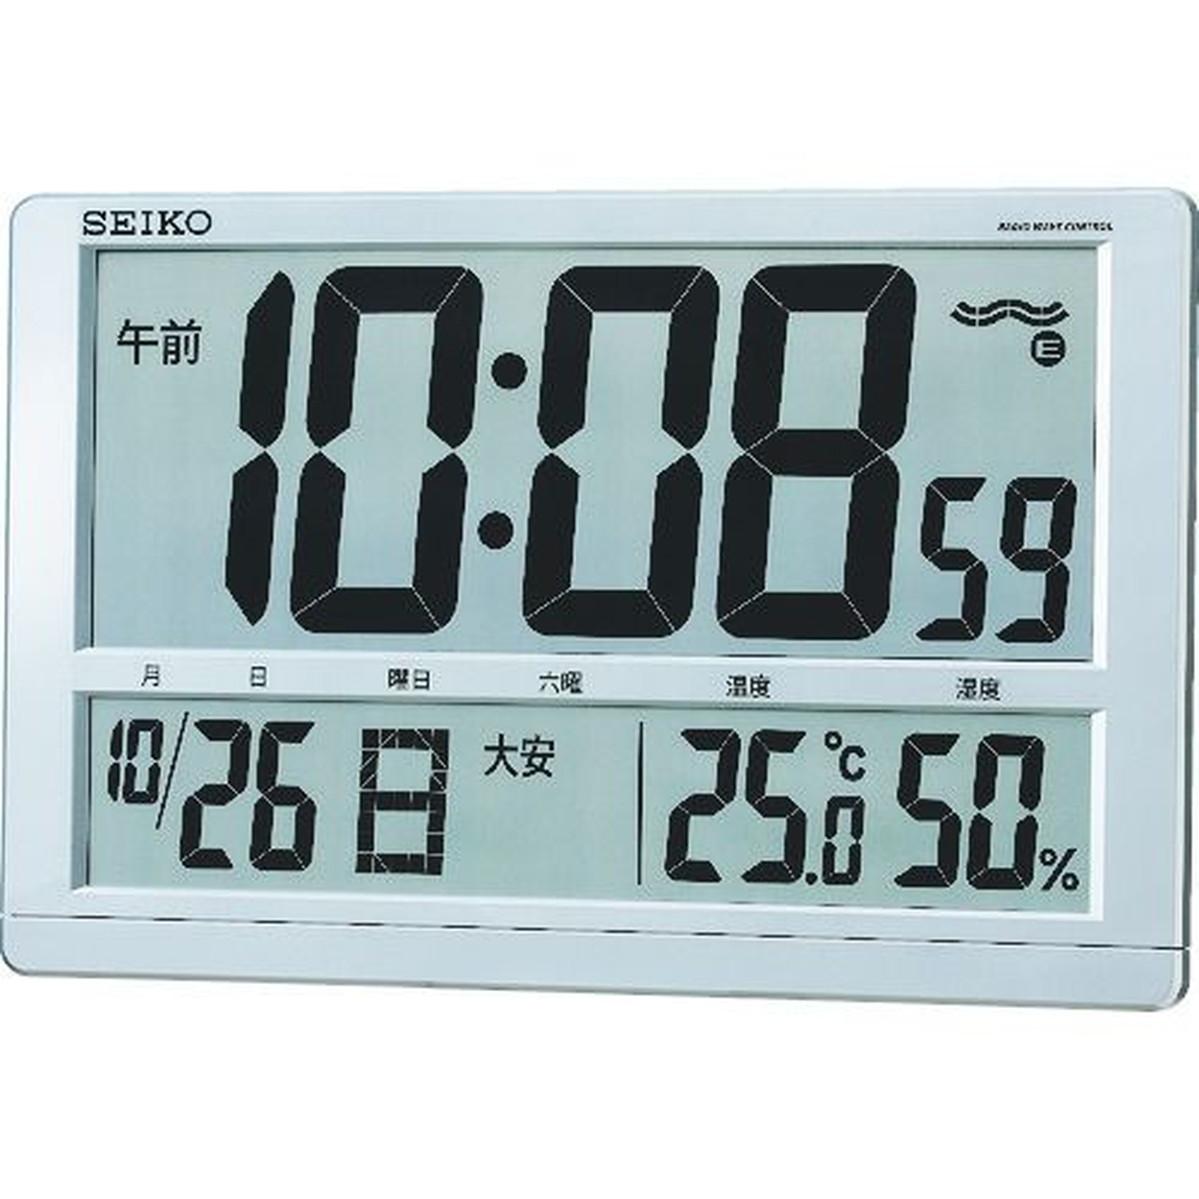 ファッション 1個 大型液晶電波掛置兼用時計 SEIKOSEIKO 大型液晶電波掛置兼用時計 1個, ケルヒャー公式:df973ef0 --- kventurepartners.sakura.ne.jp